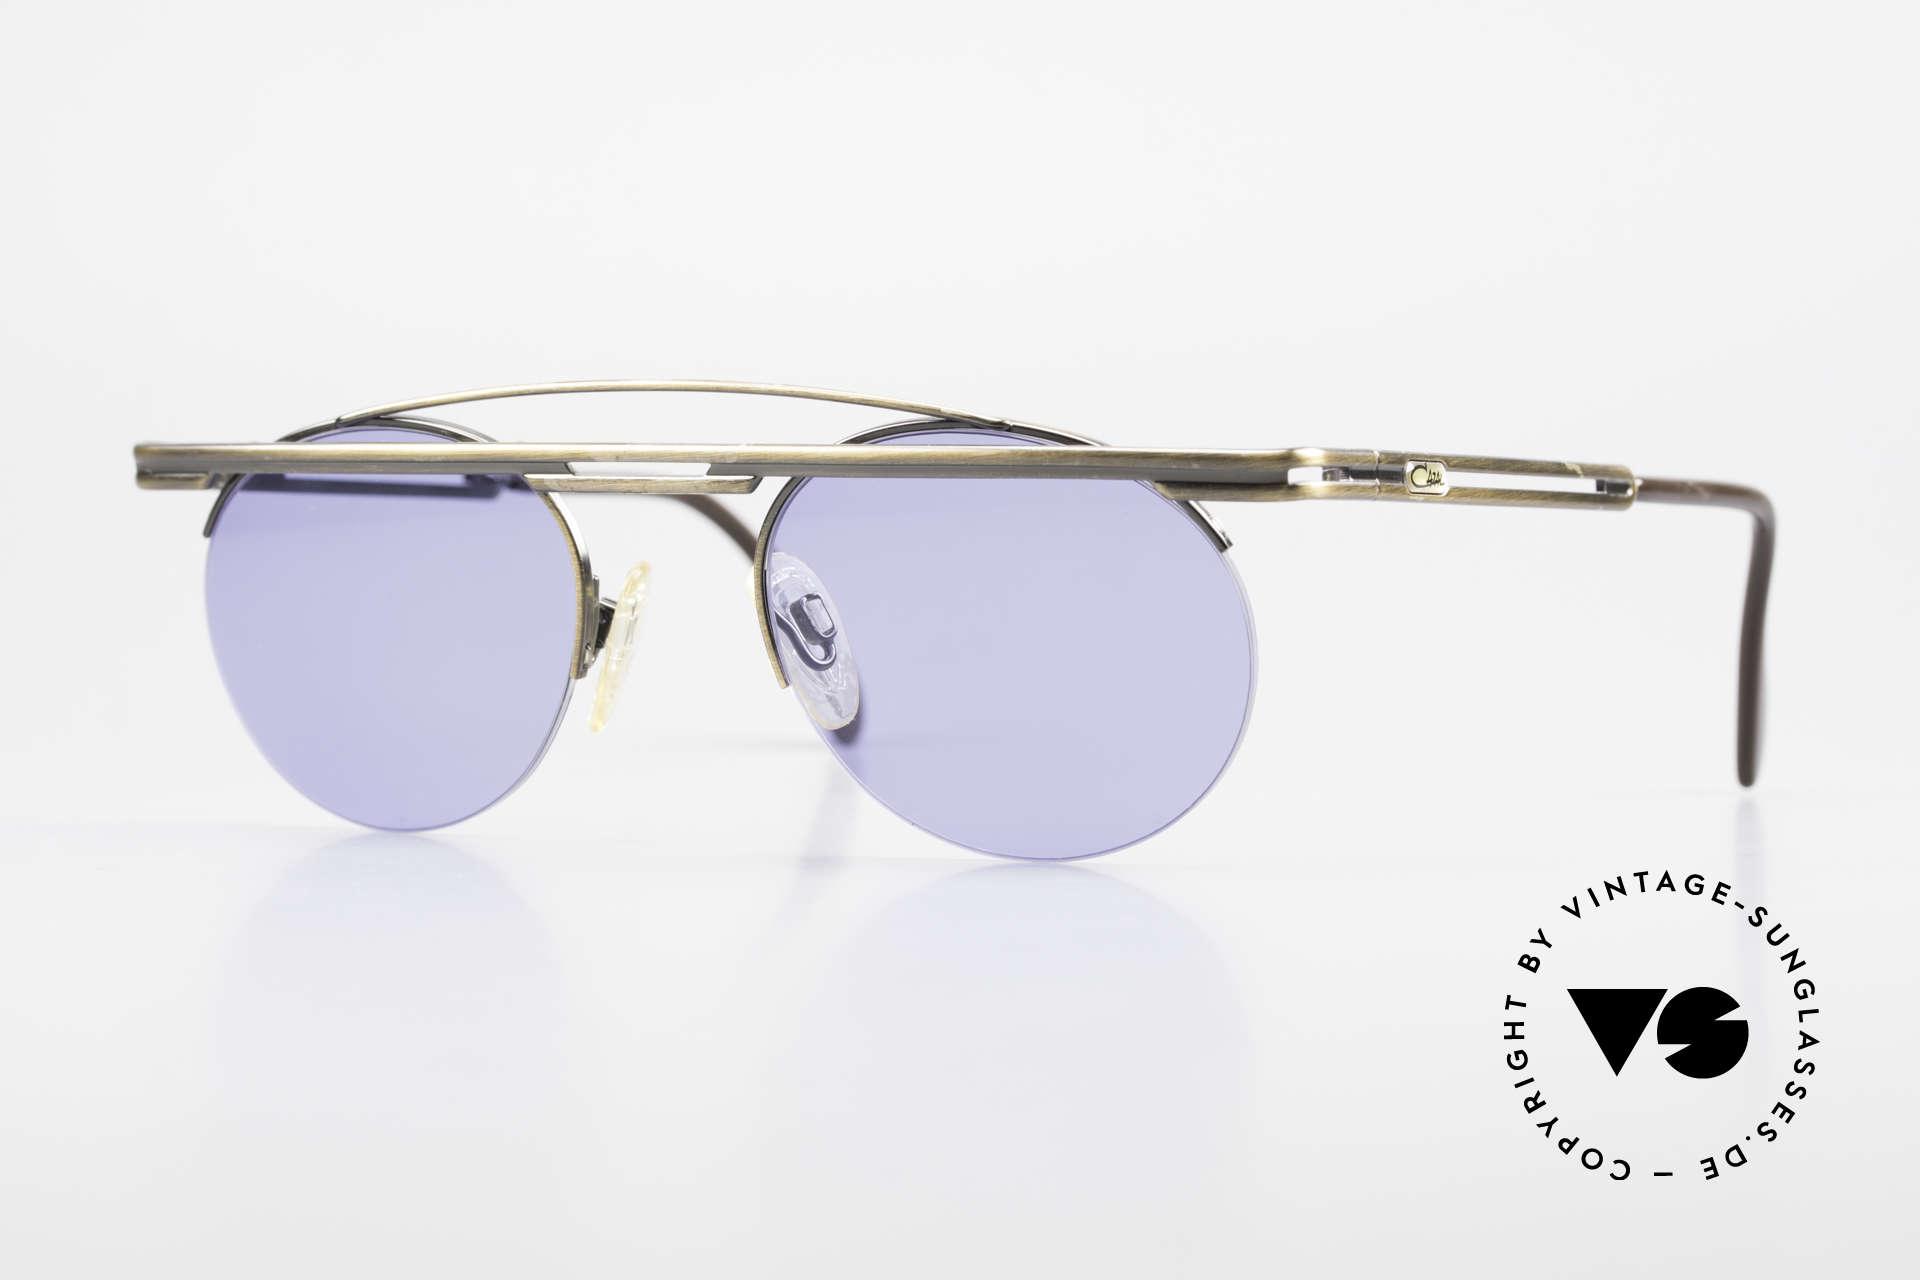 Cazal 748 Alte 90er Vintage Sonnenbrille, interessante Cazal vintage Sonnenbrille von ca. 1997, Passend für Herren und Damen